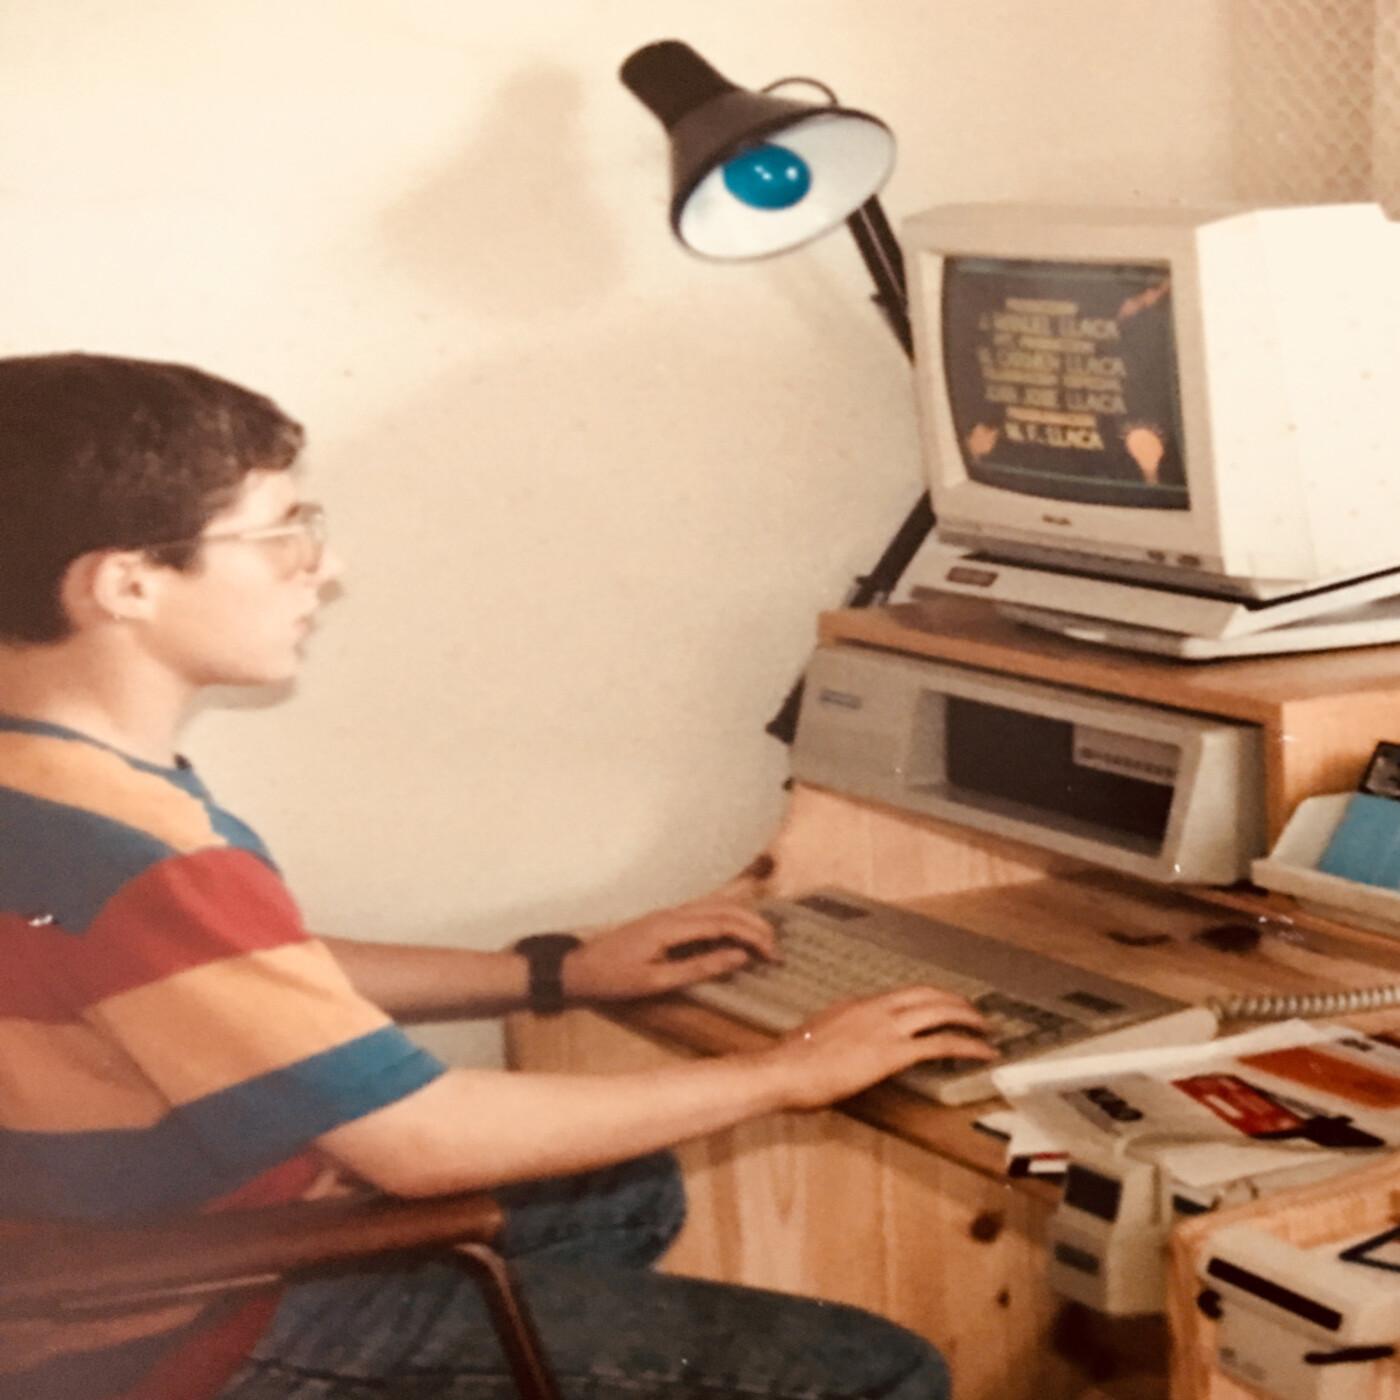 Breve historia y curiosidades del nacimiento y evolución del IBM PC y Compatibles en ParcelaDigital en a las…